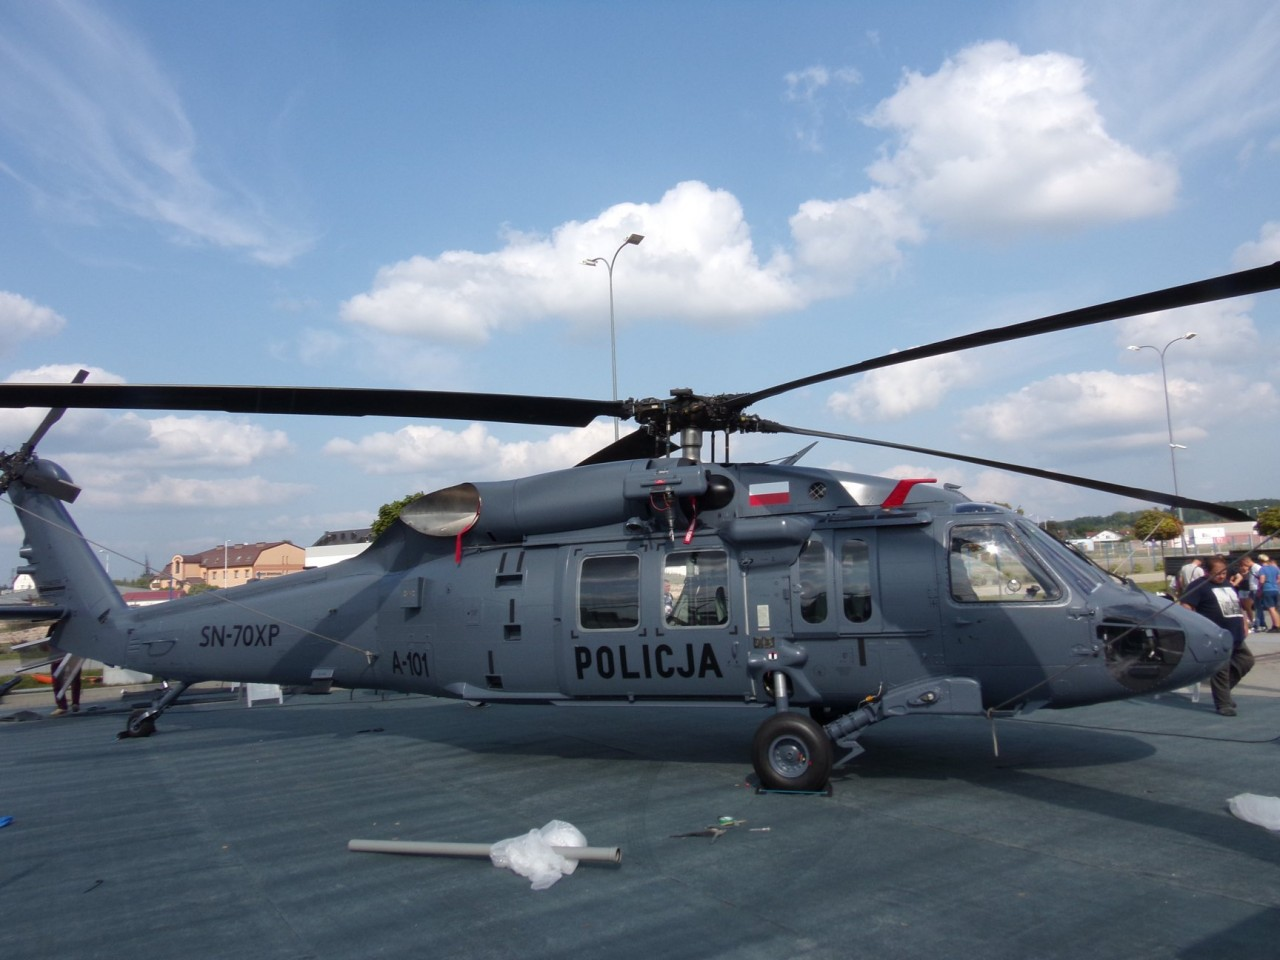 Вертолеты Black Hawk для польской полиции